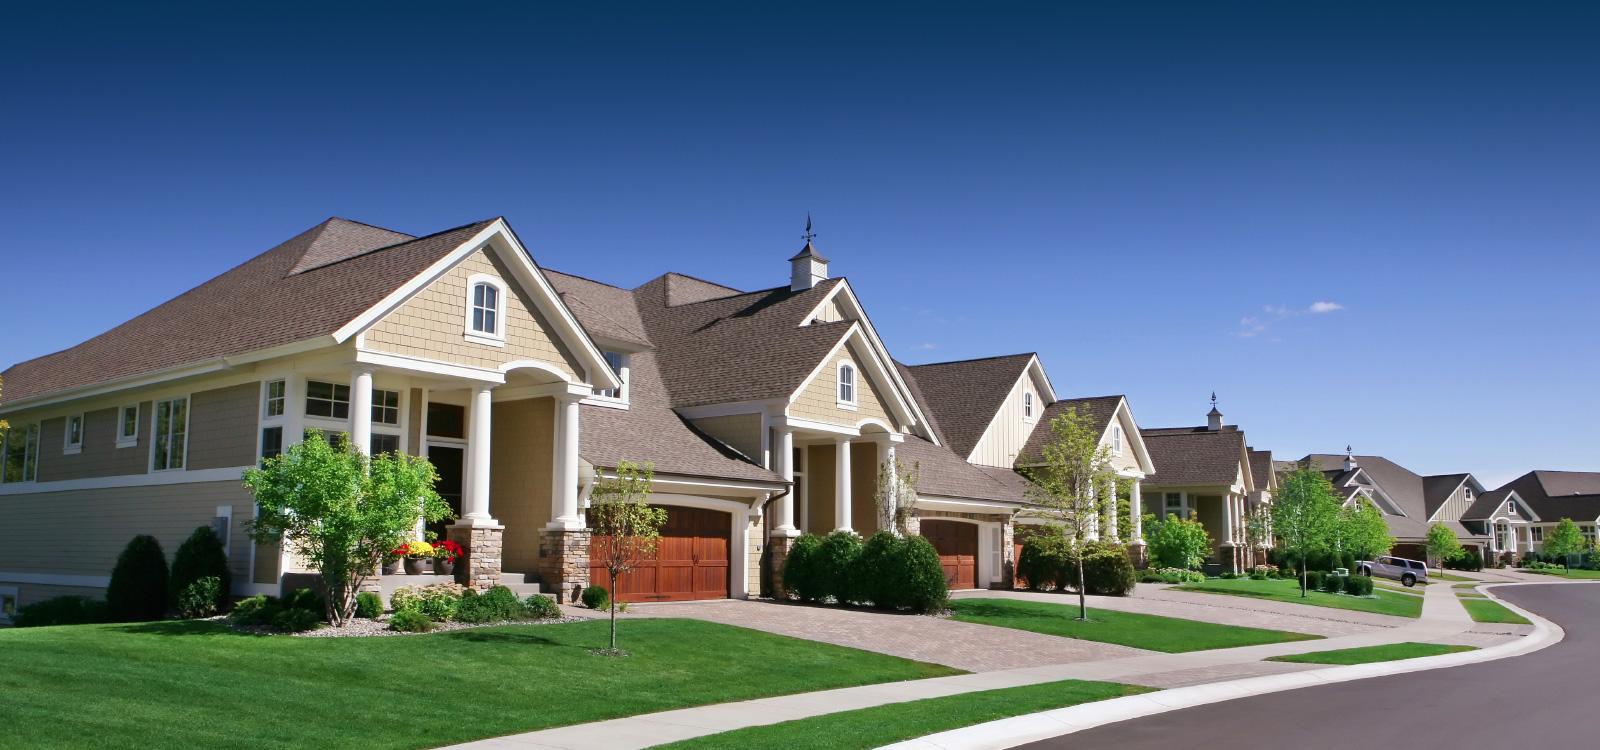 Home Inspection Checklist in San Antonio